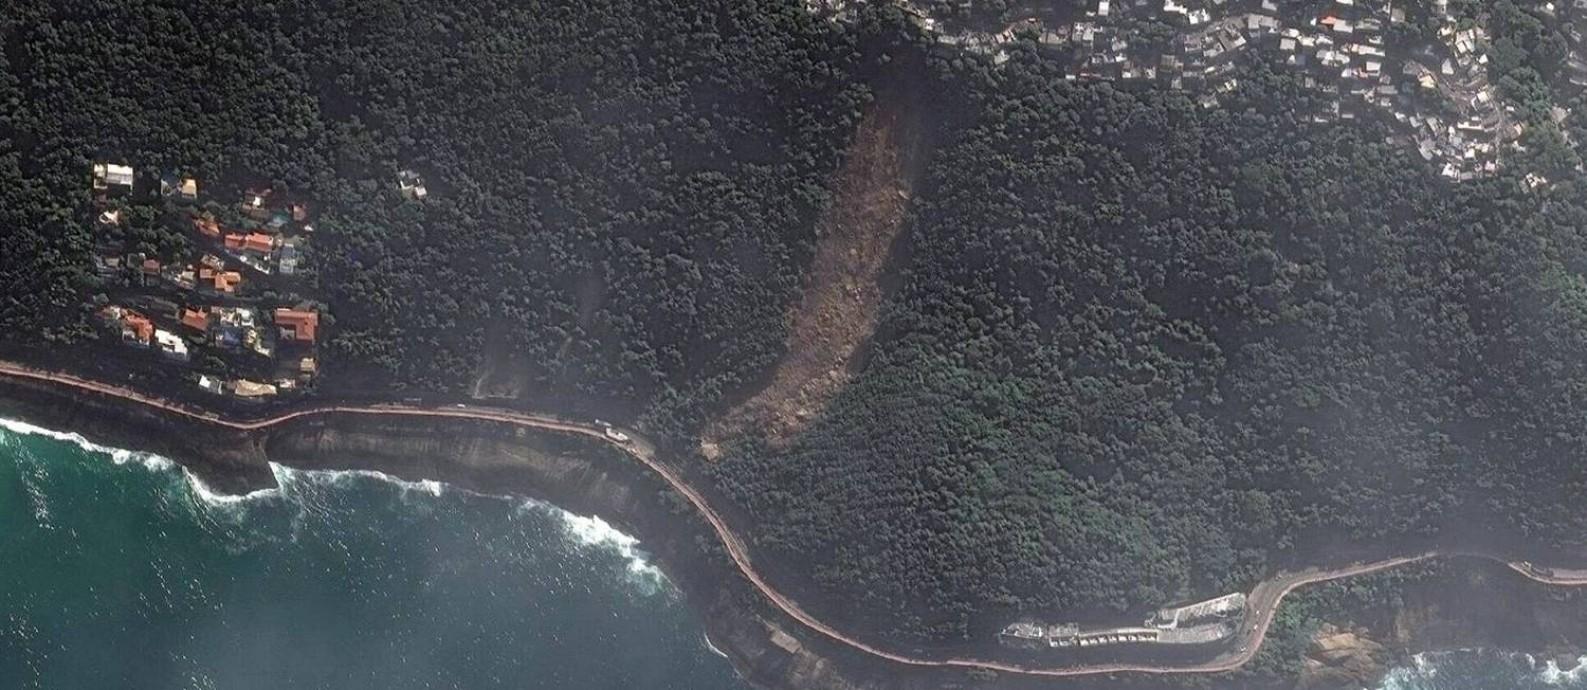 O deslizamento de terra do alto do Vidigal abriu um buraco na vegetação em abril Foto: 13/04/2019 / Satellite image ©2019 DigitalGlobe, a Maxar company